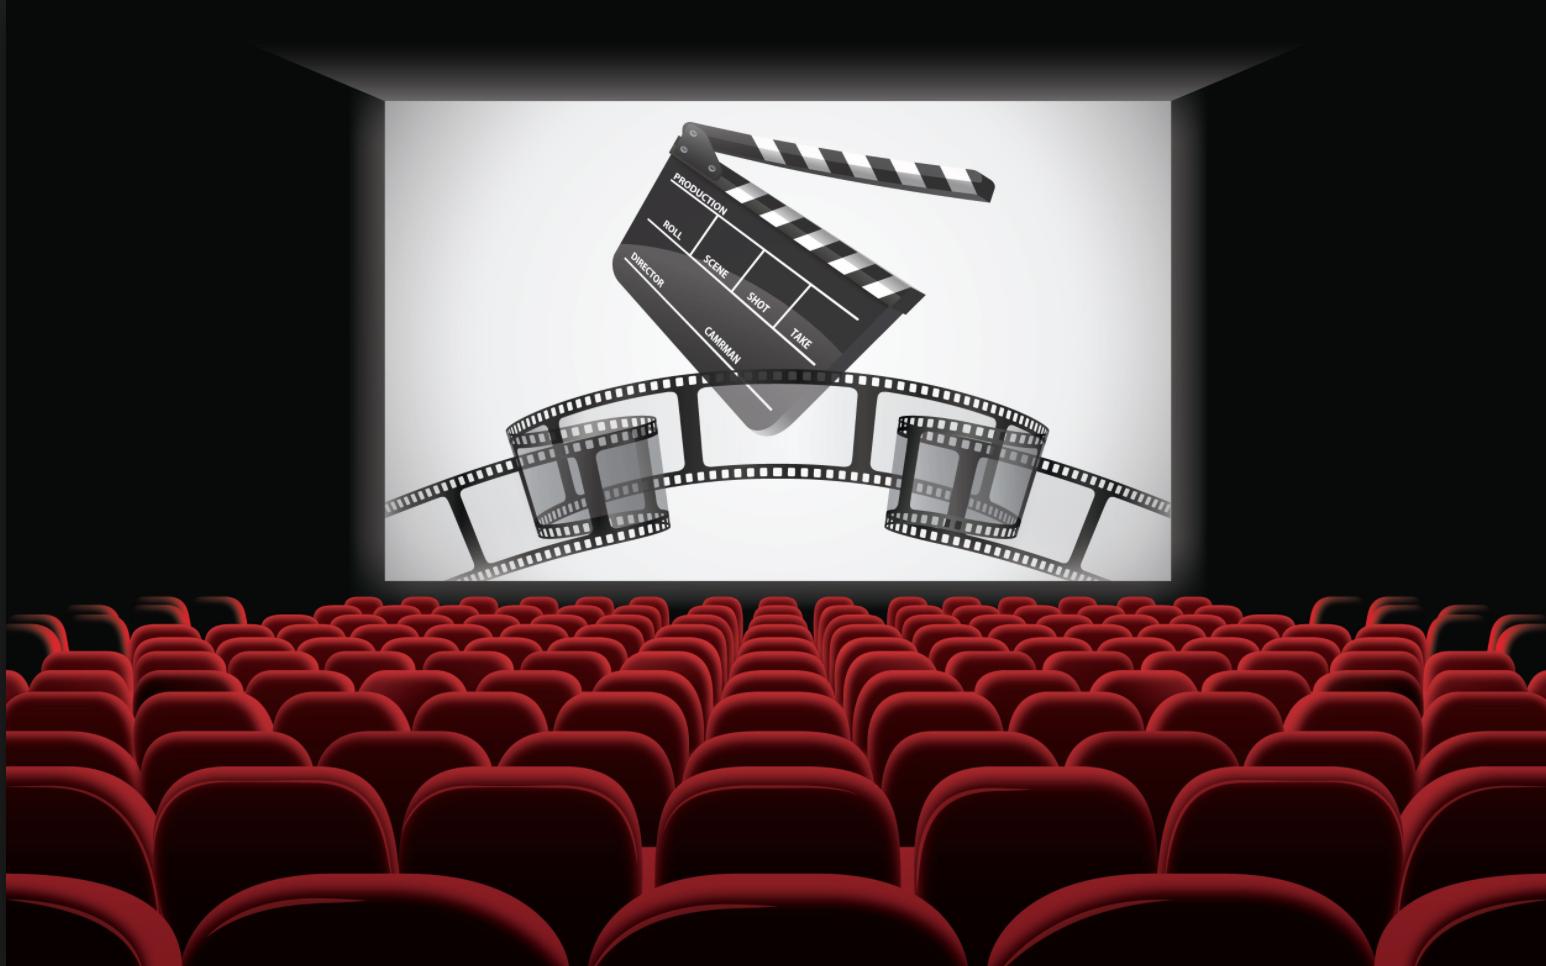 El Ministerio De Hacienda Prevé Control De Exenciones De Ley De Cine En 2018